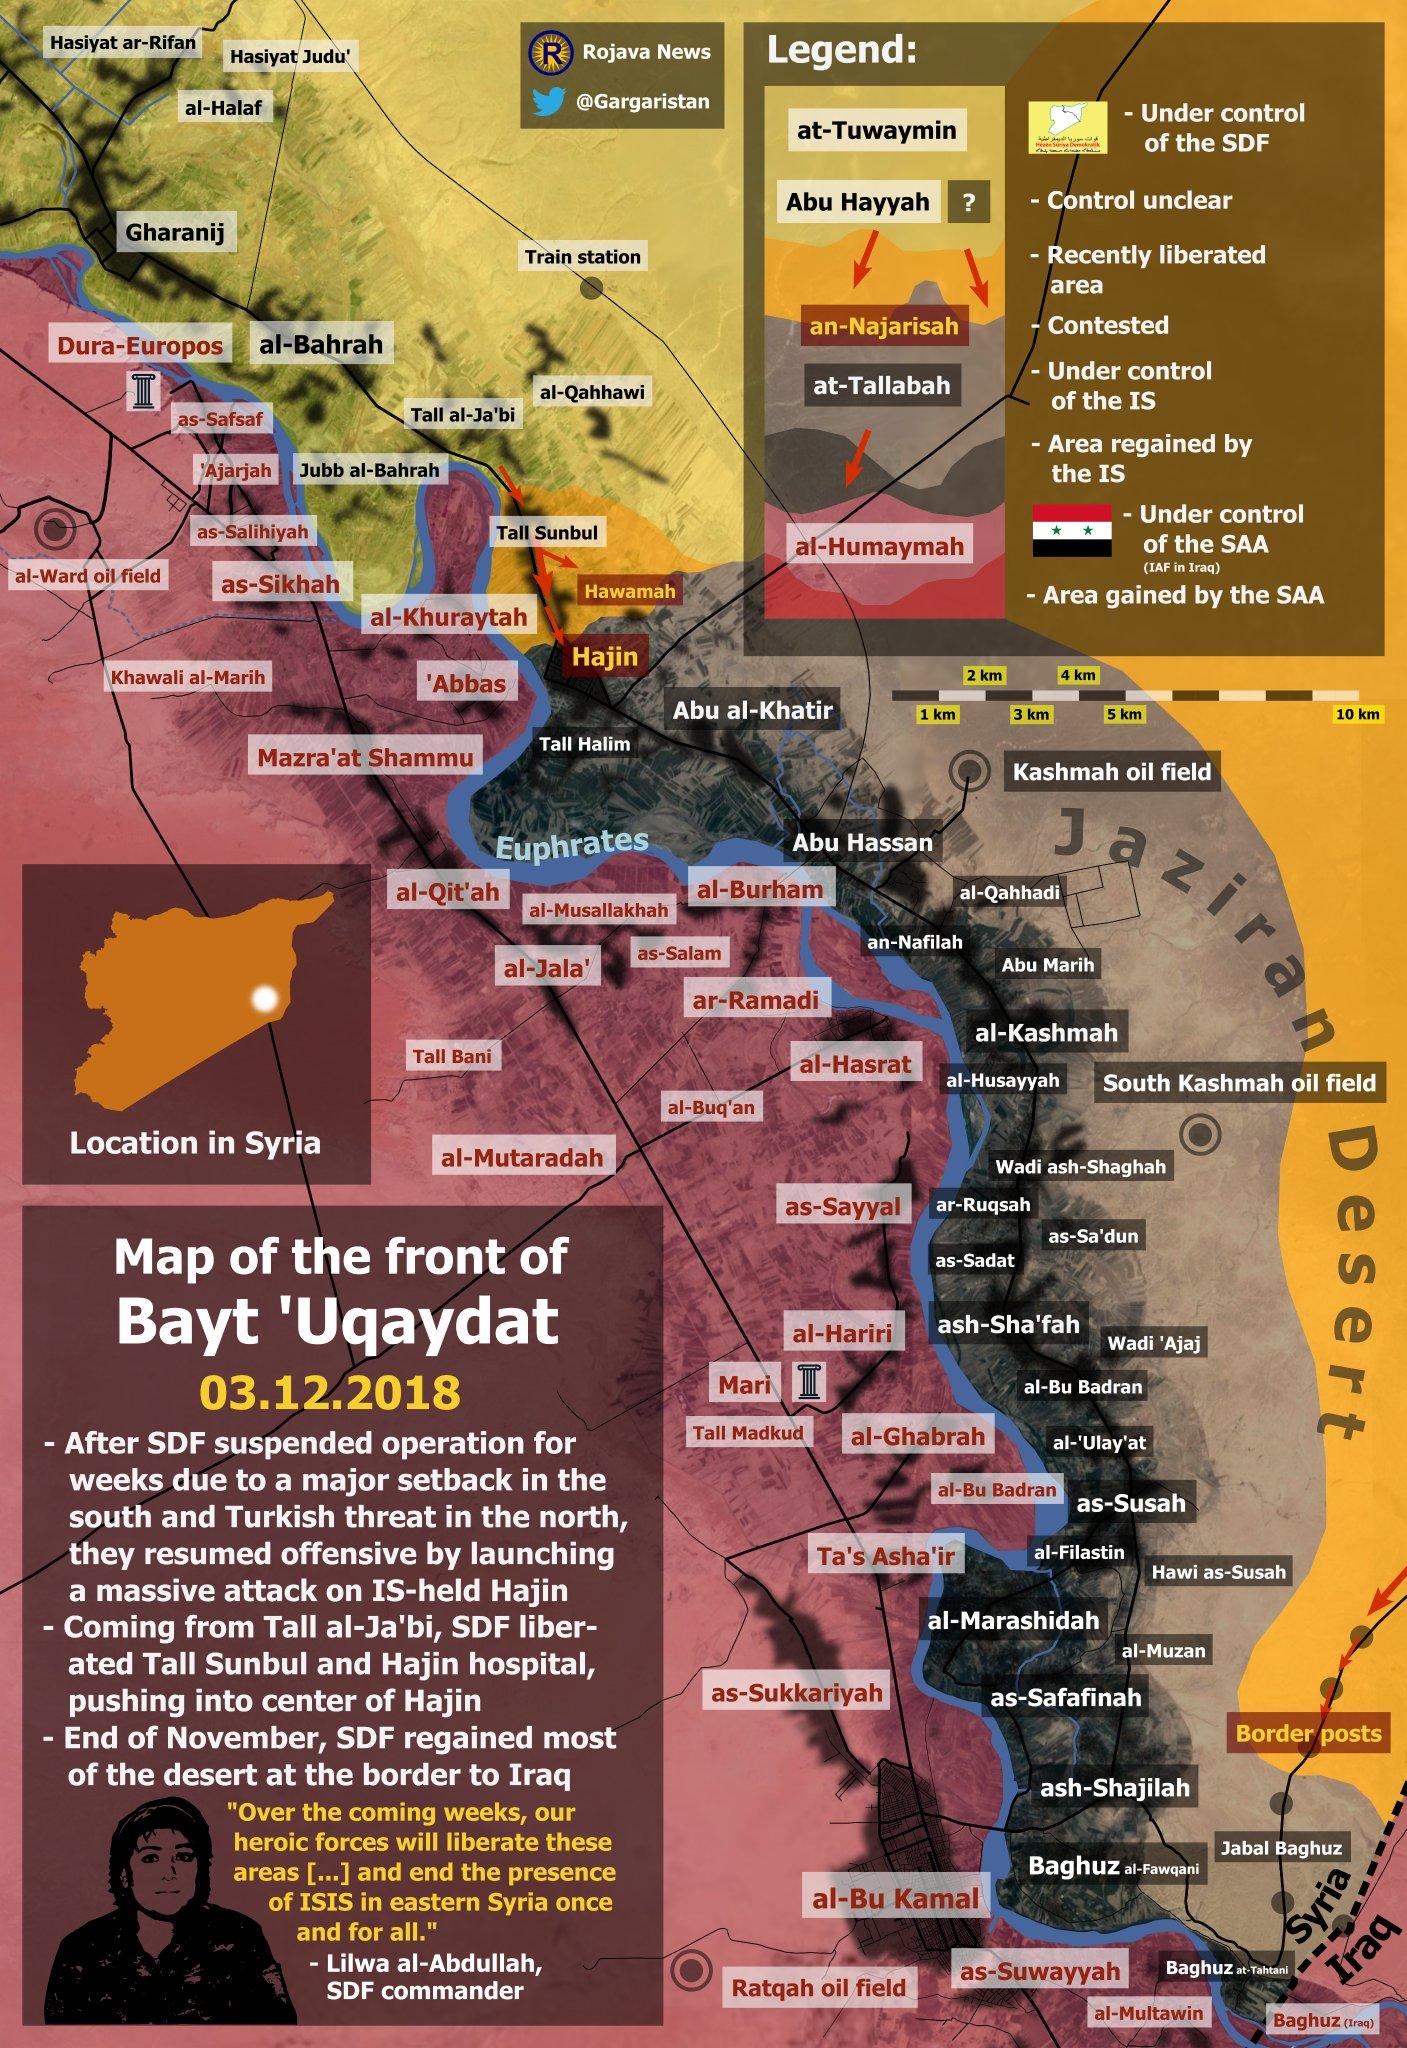 Mapa situace v tzv. Hajin kapse – Východní Sýrie